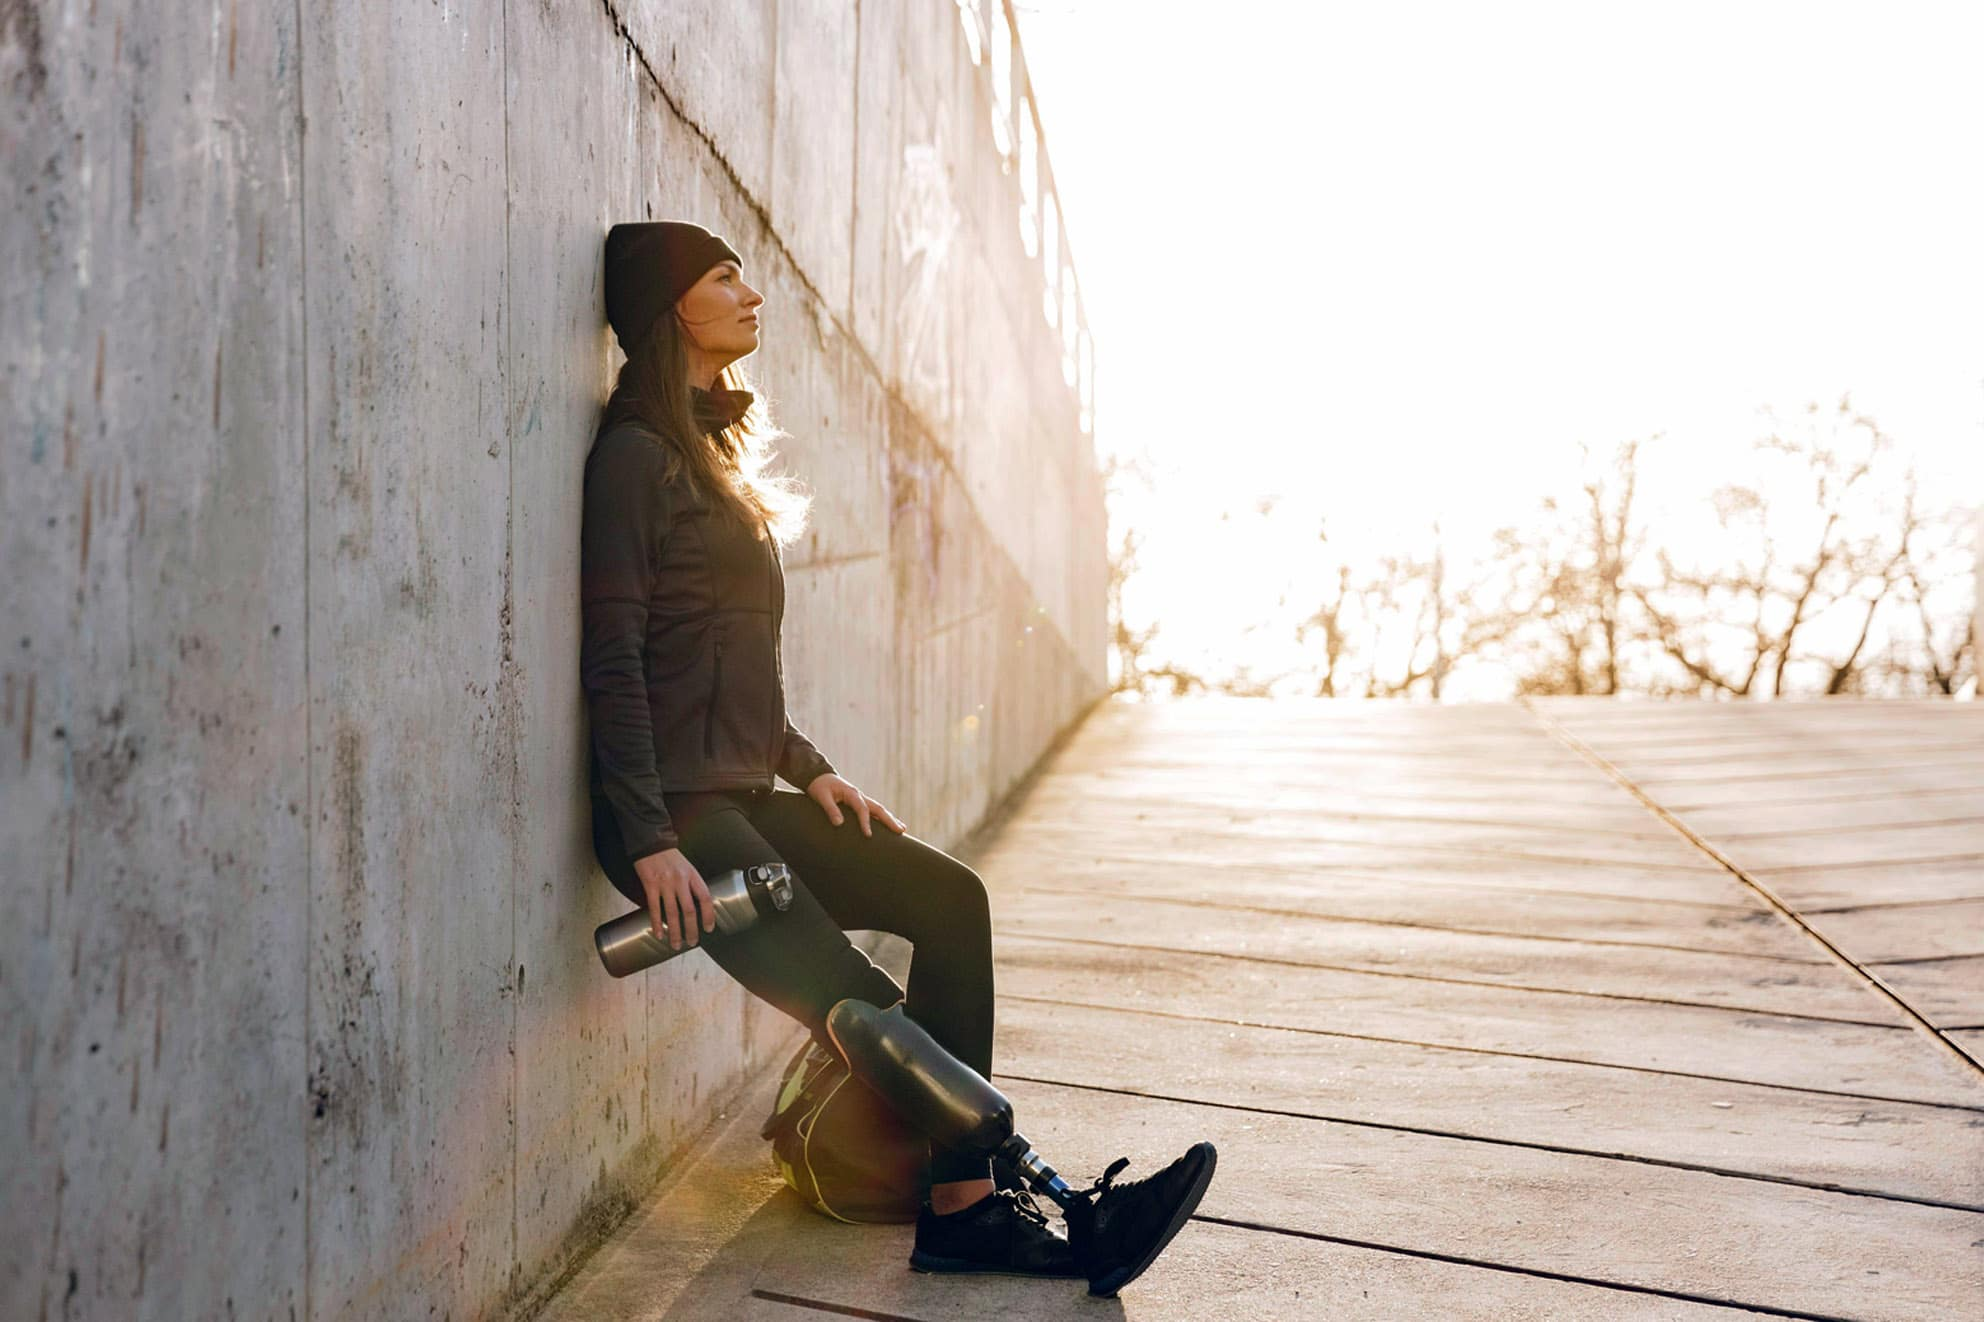 Foto: Dean Drobot / Shutterstock.com